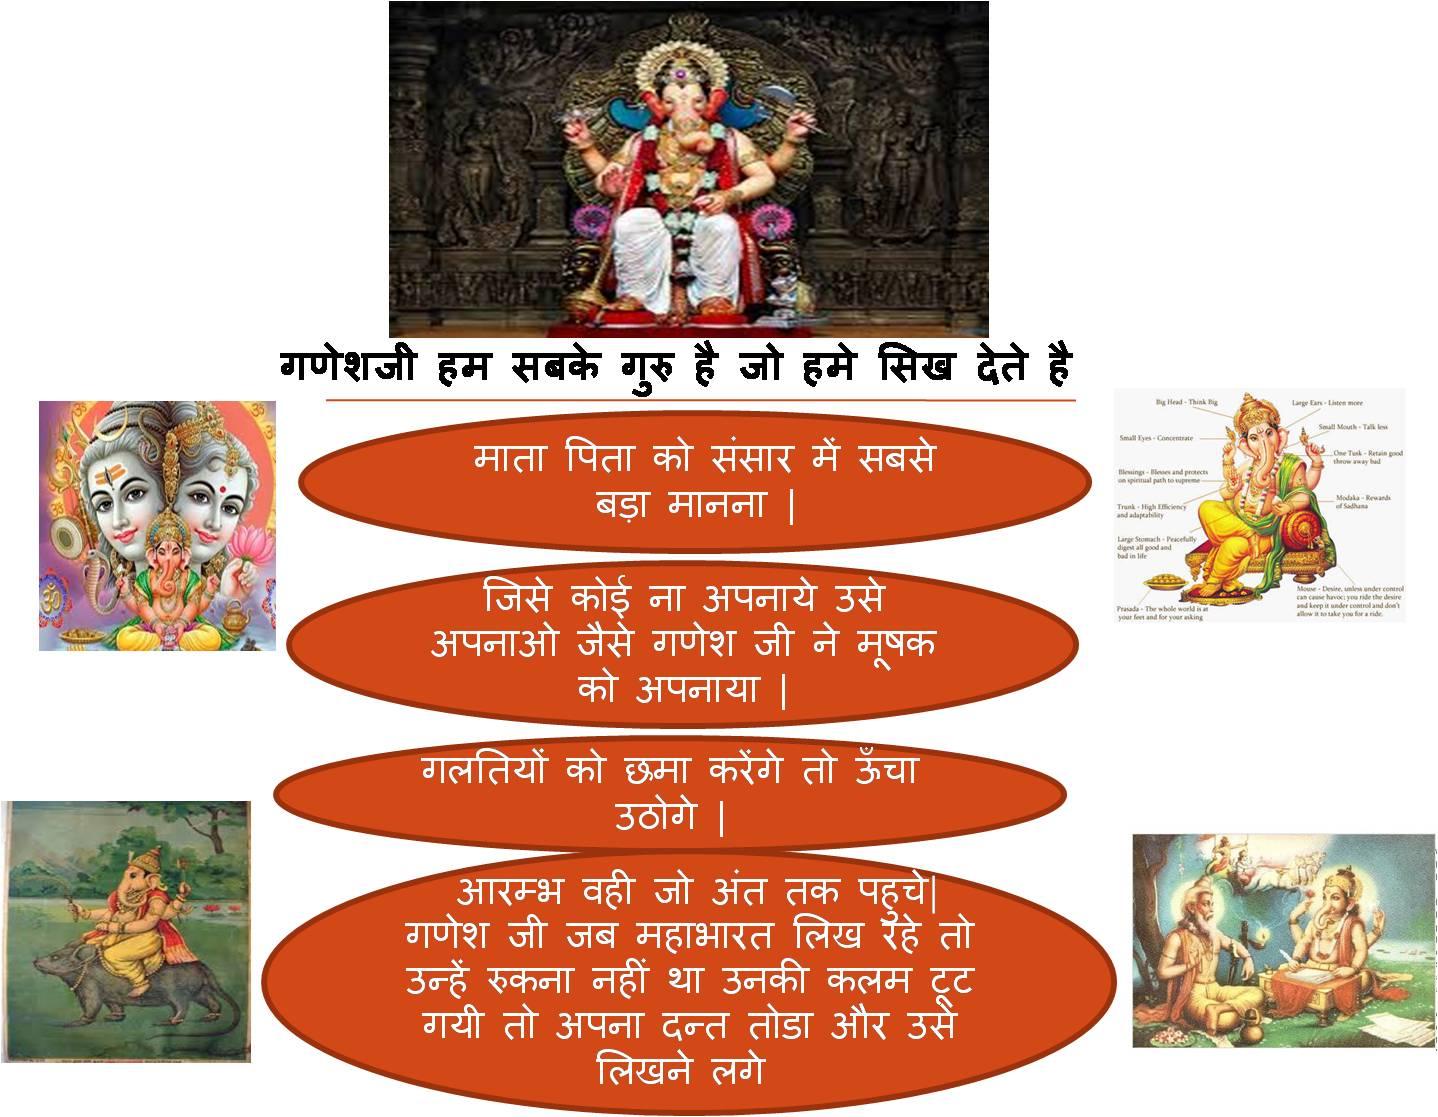 Ganesh bhagwan se sikh